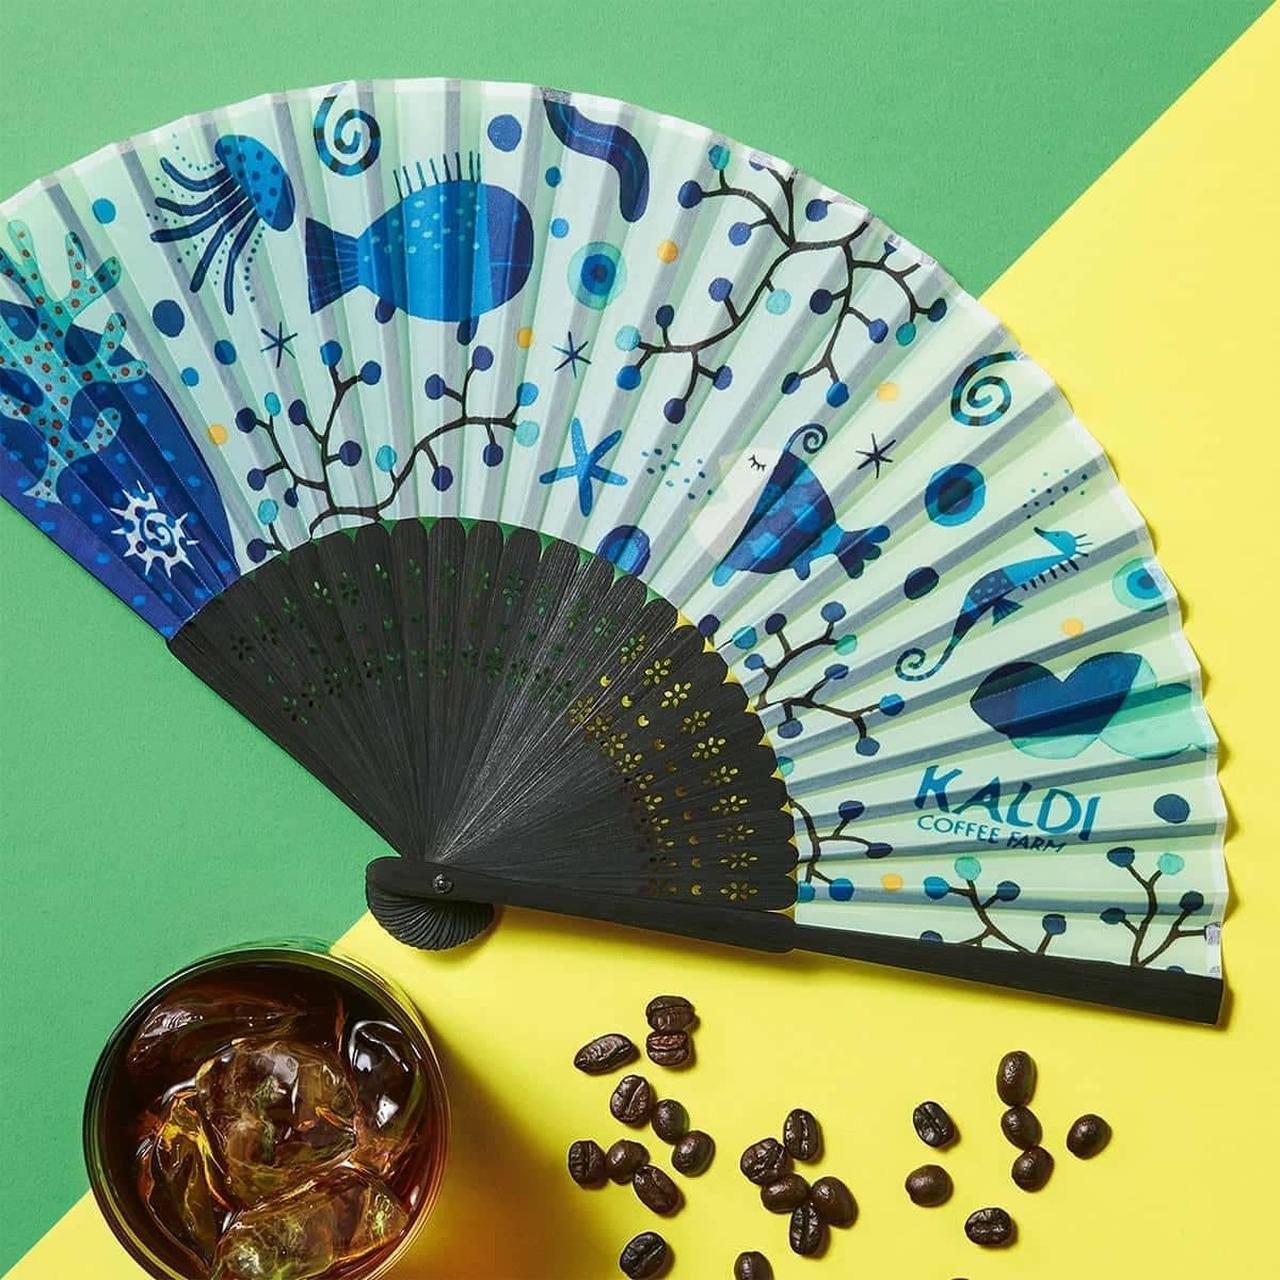 カルディ コーヒー豆購入で「オリジナル 扇子」もらえる